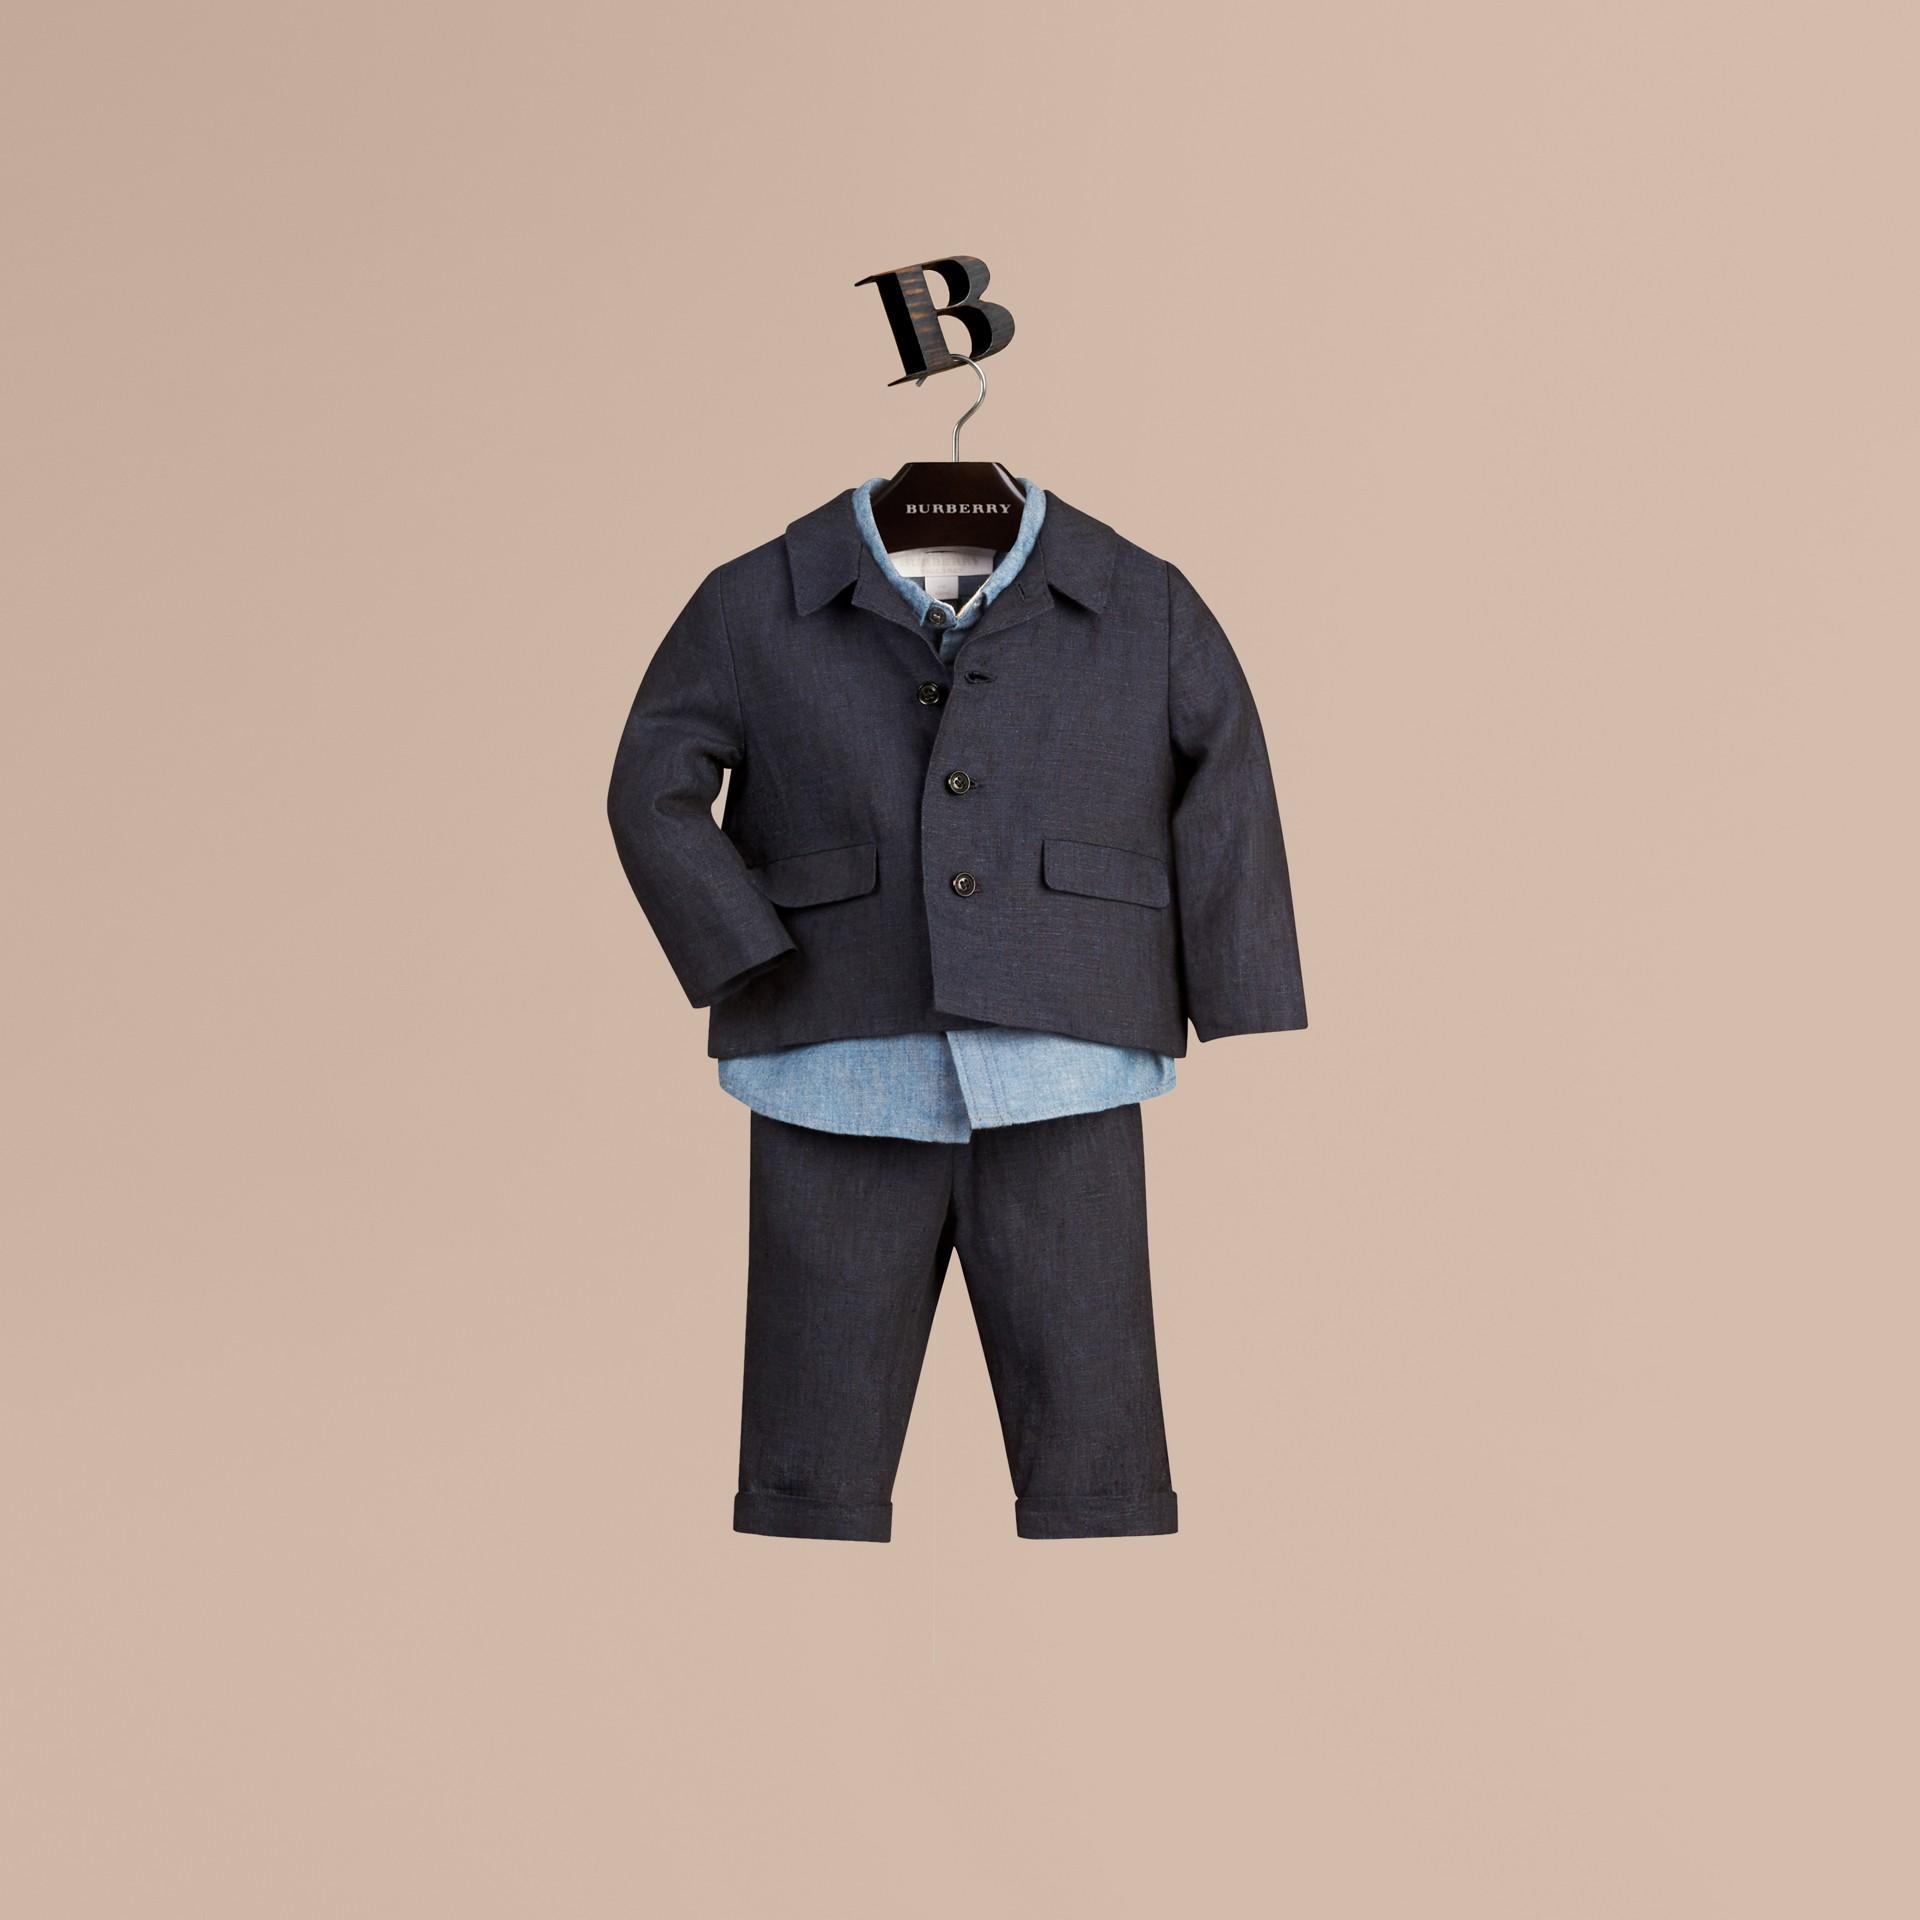 海軍藍 輕盈亞麻休閒西裝外套 - 圖庫照片 1